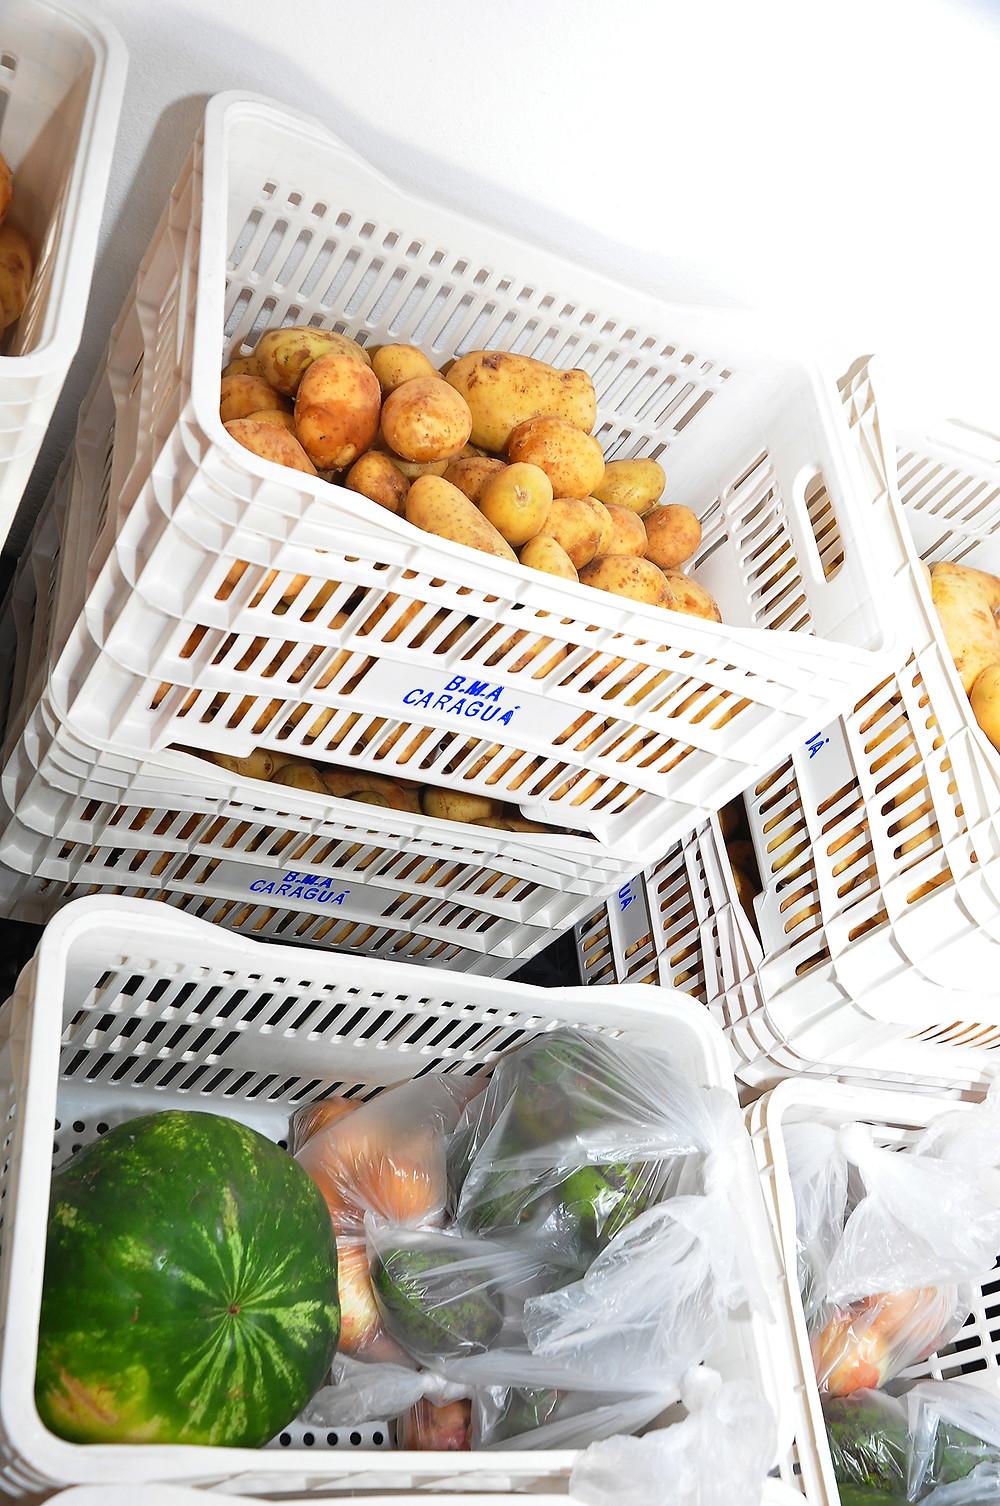 Alimentos doados - Foto: Luis Gava/PMC